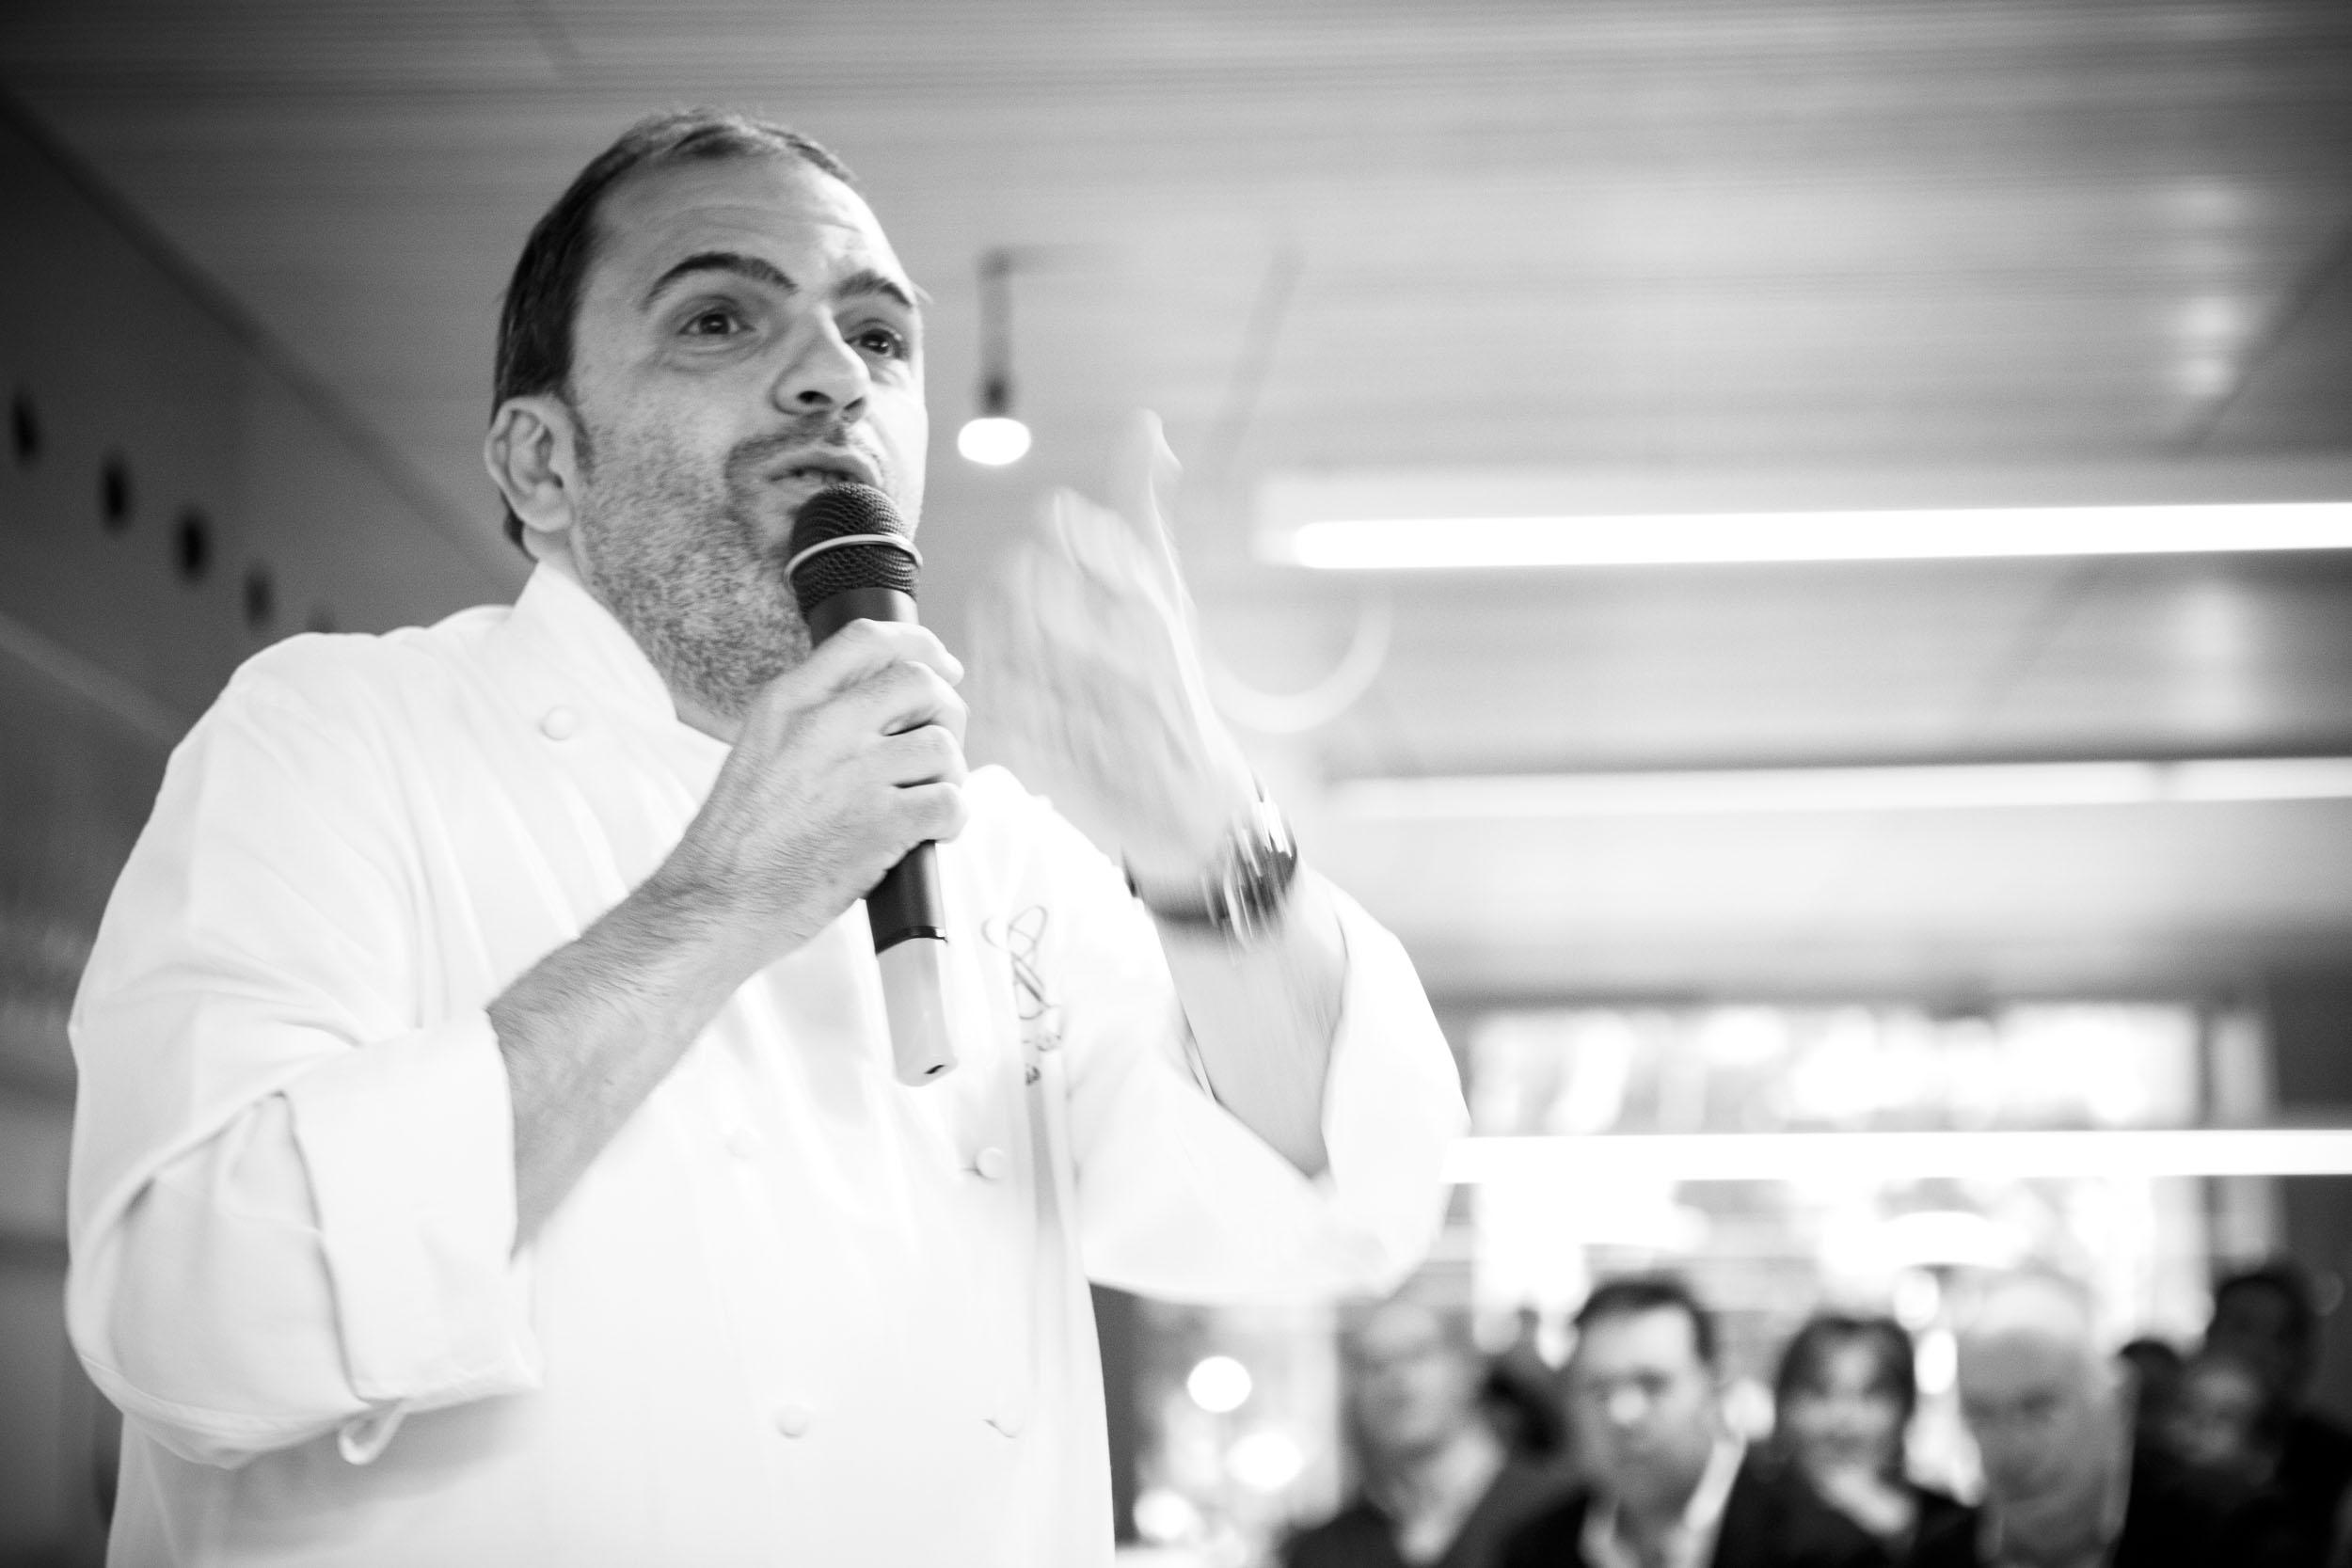 25/4/12 Jesús Sanchez en Restaurante Tondeluna, Logroño, con cocinero Francis Paniego y Luisa Barrachina. ©James Sturcke Fotografía | www.sturcke.org